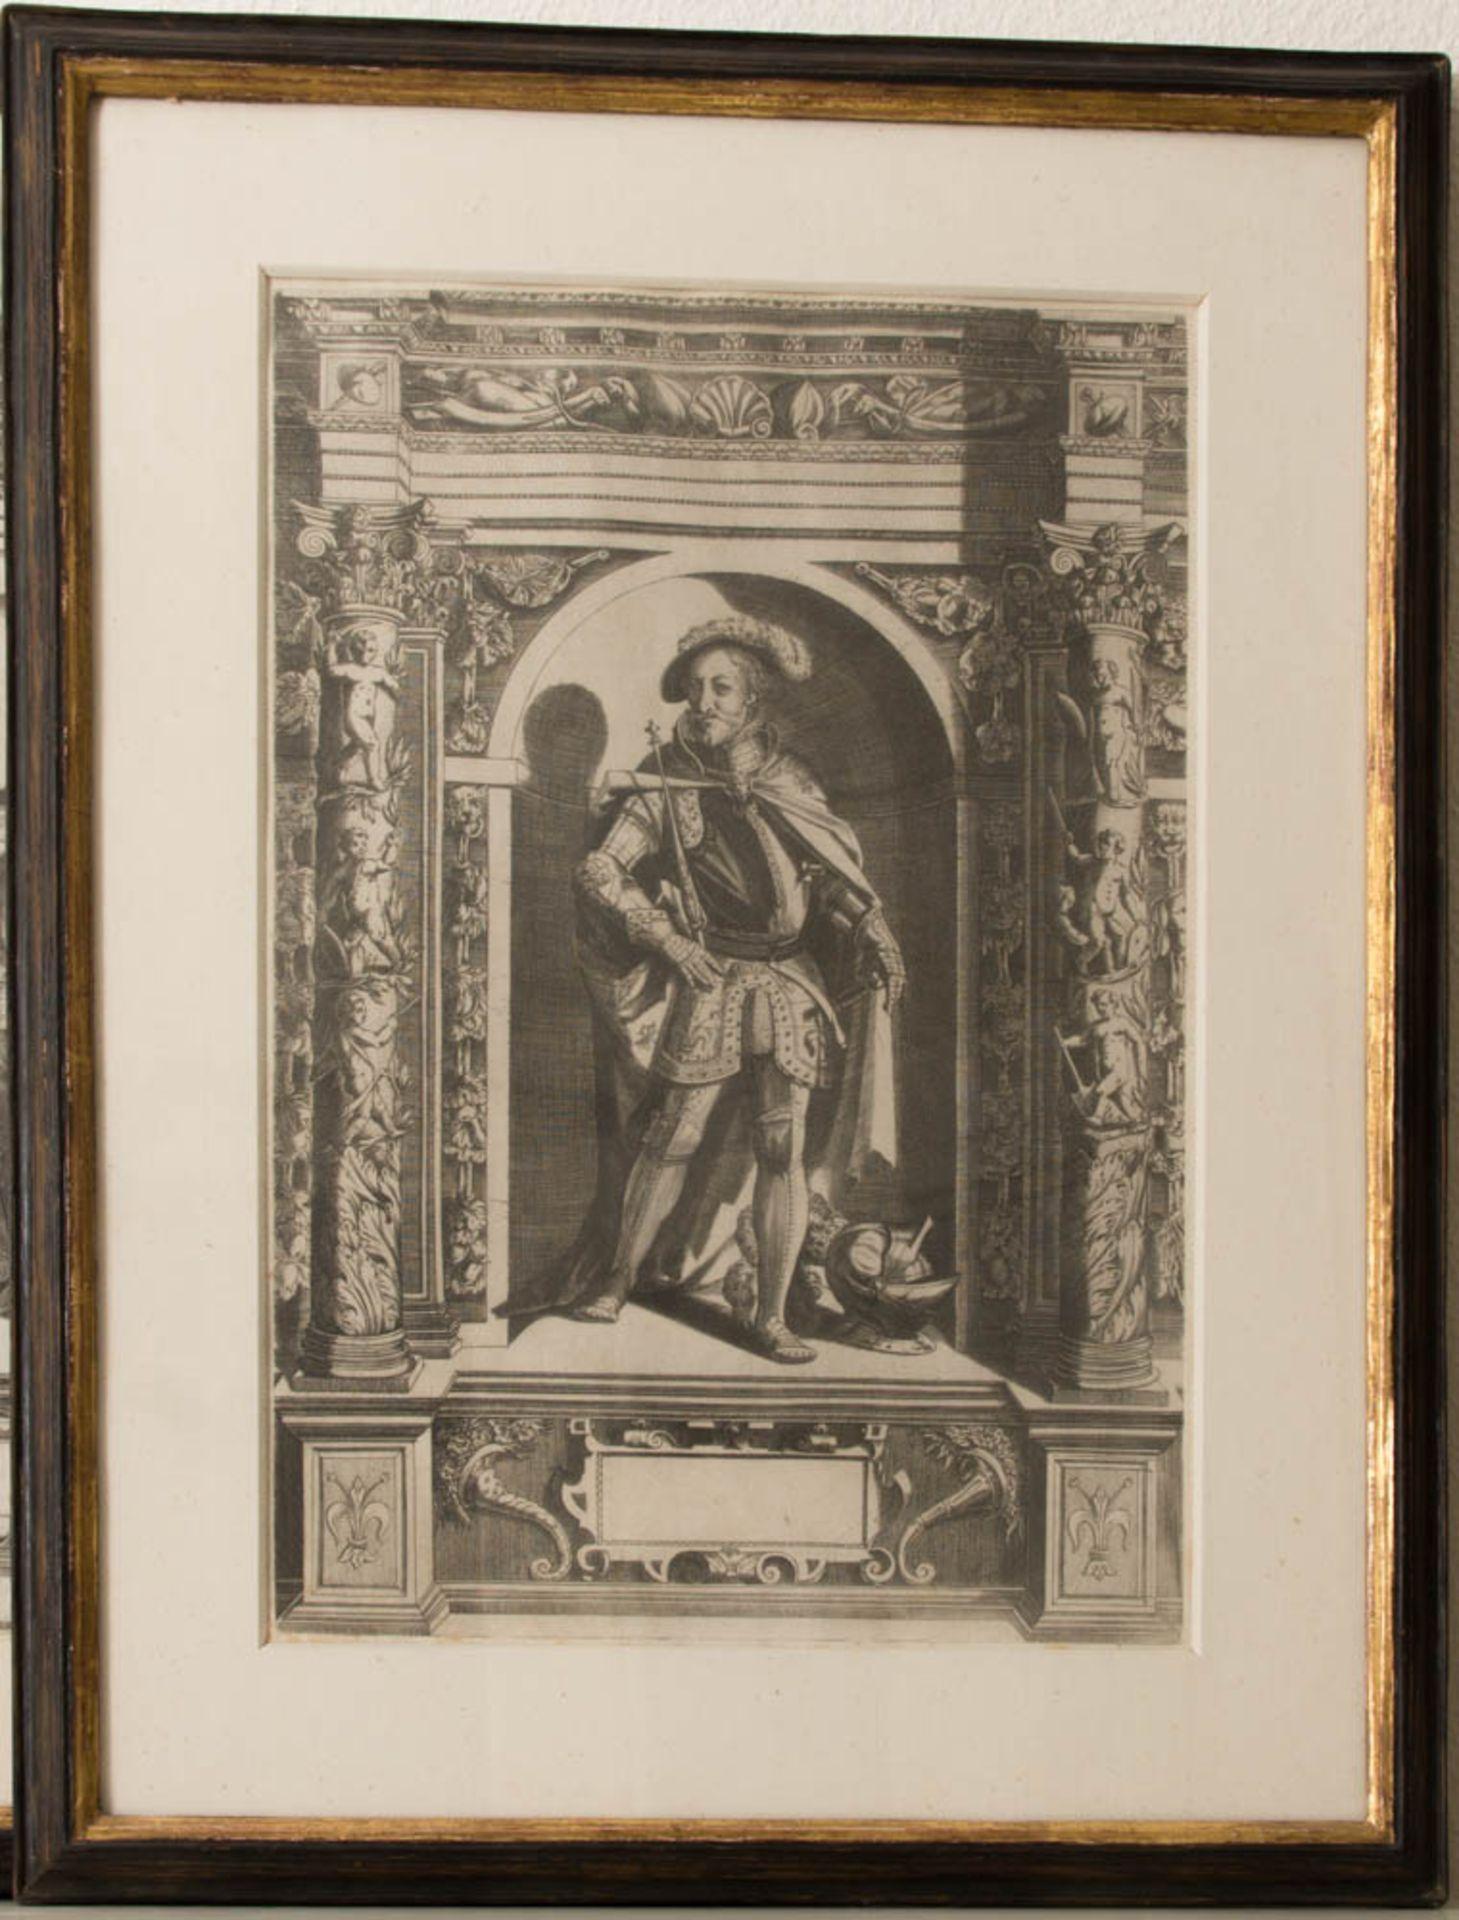 Vier Herrenportraits, Druckgrafik, 18. Jh.Teilweise rückseitig verglast und bedruckt. - Bild 2 aus 5